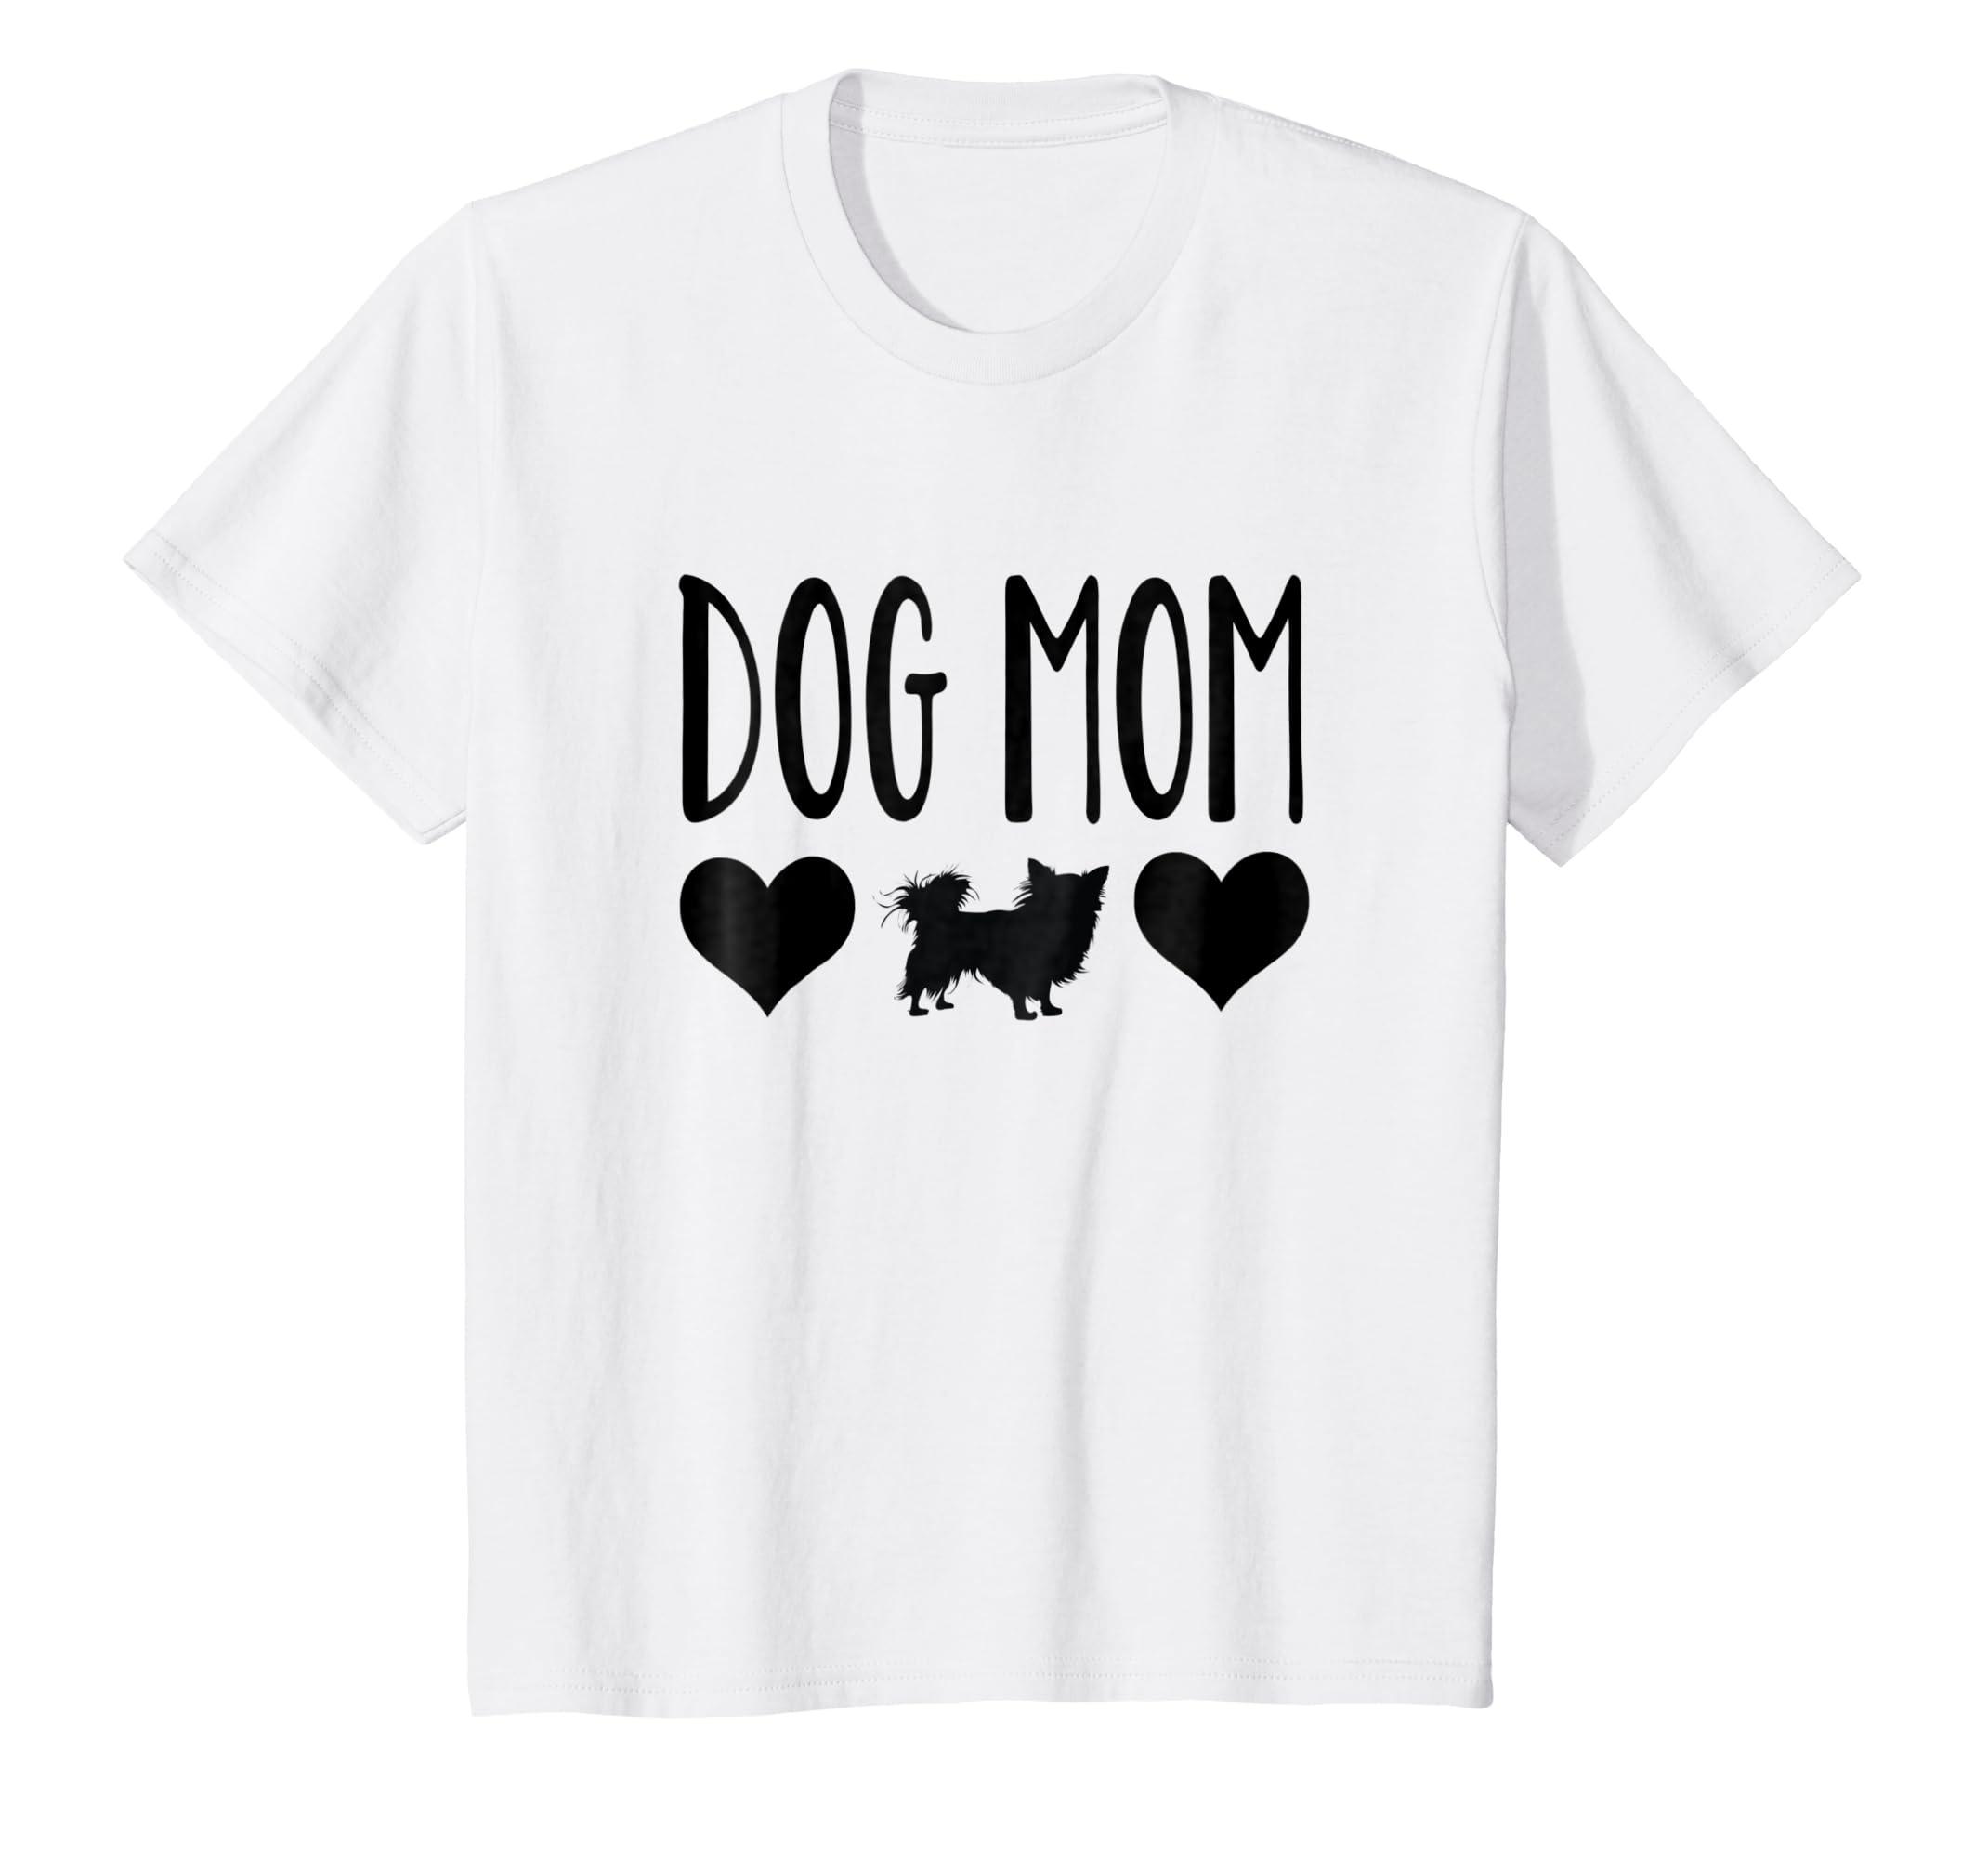 8db717c97 Amazon.com: Chihuahua Dog Mom Shirt, Funny Chihuahua T Shirts, Gifts:  Clothing